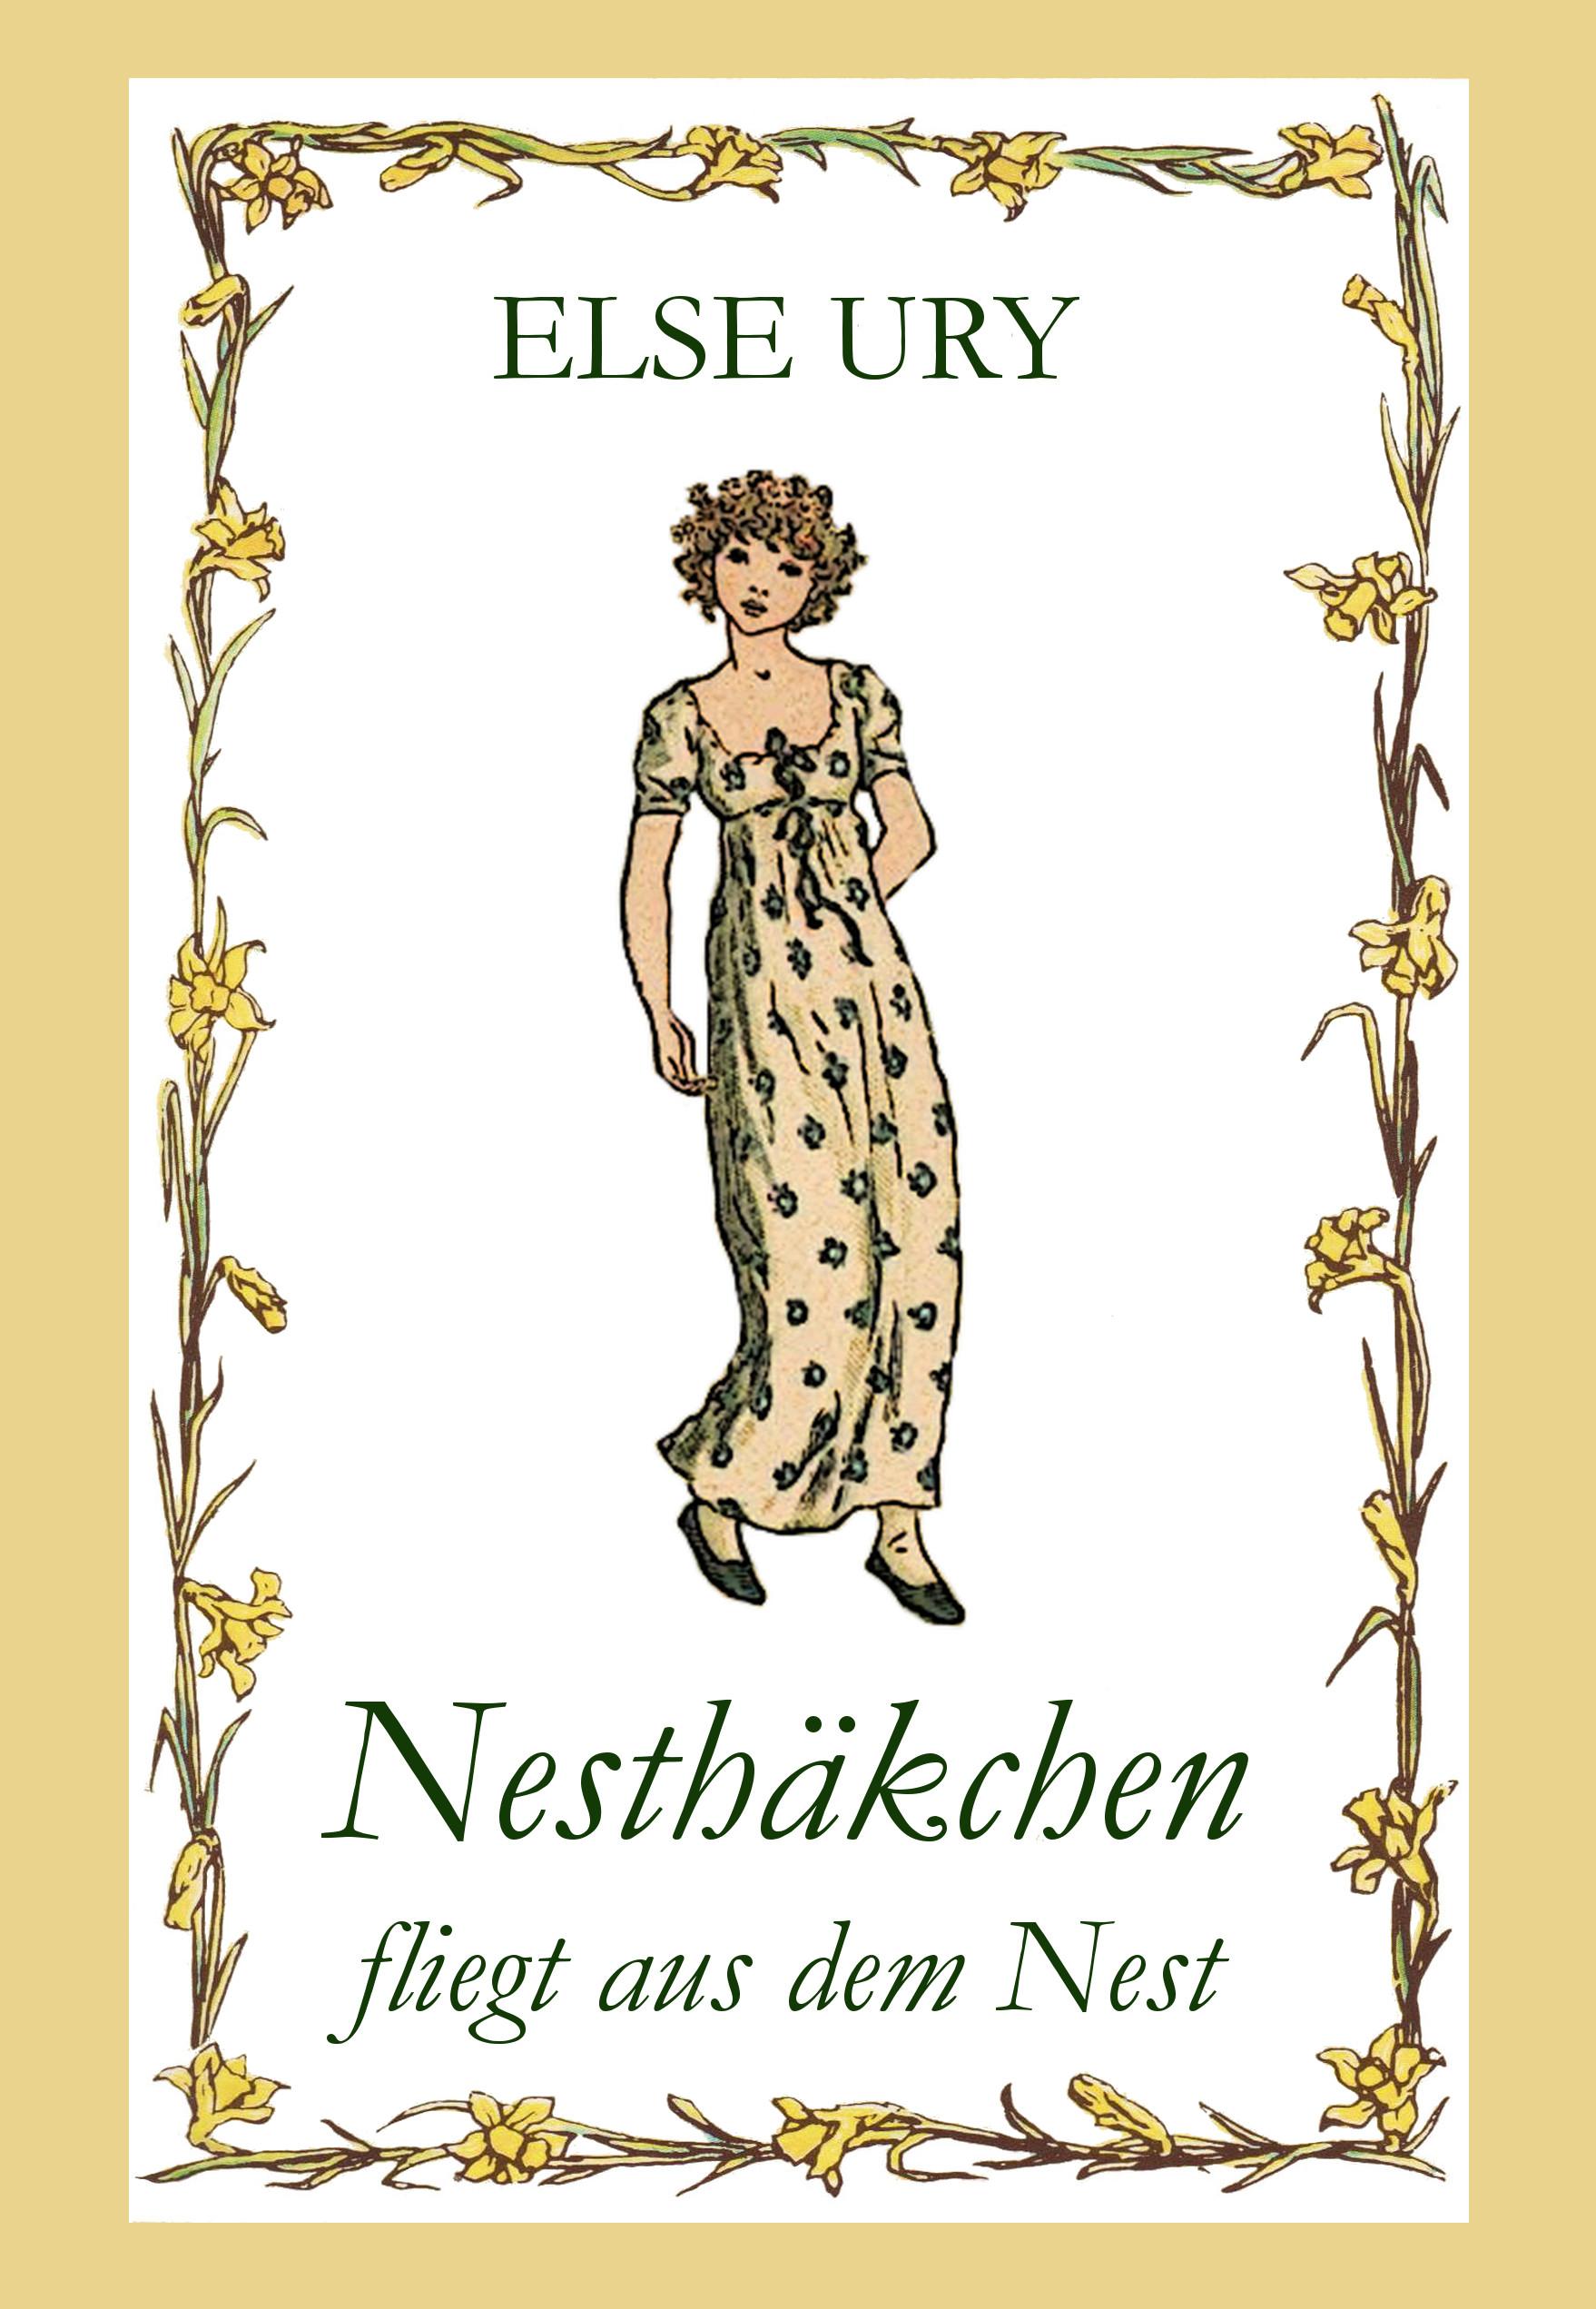 Nesthäkchen, Bd. 6, Nesthäkchen fliegt aus dem Nest, Else Ury